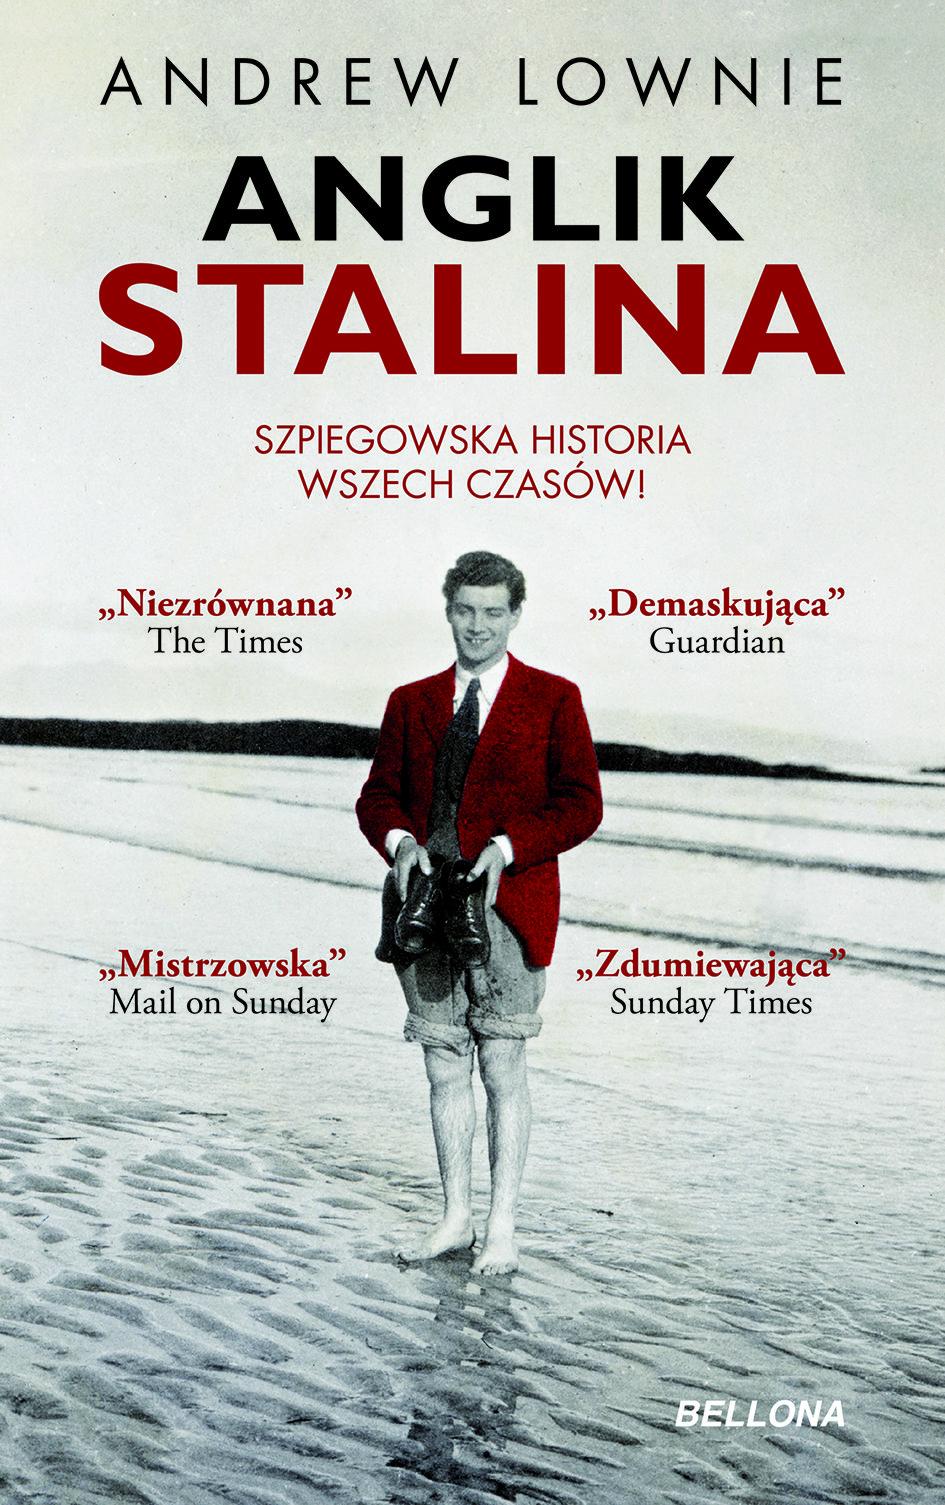 """Artykuł powstał z inspiracji najnowszą książką Andrew Lownie'go """"Anglik Stalina. Szpiegowska historia wszech czasów"""" (Bellona 2017), będącej biografią jednego z najsłynniejszych brytyjskich szpiegów, Guya Burgessa."""